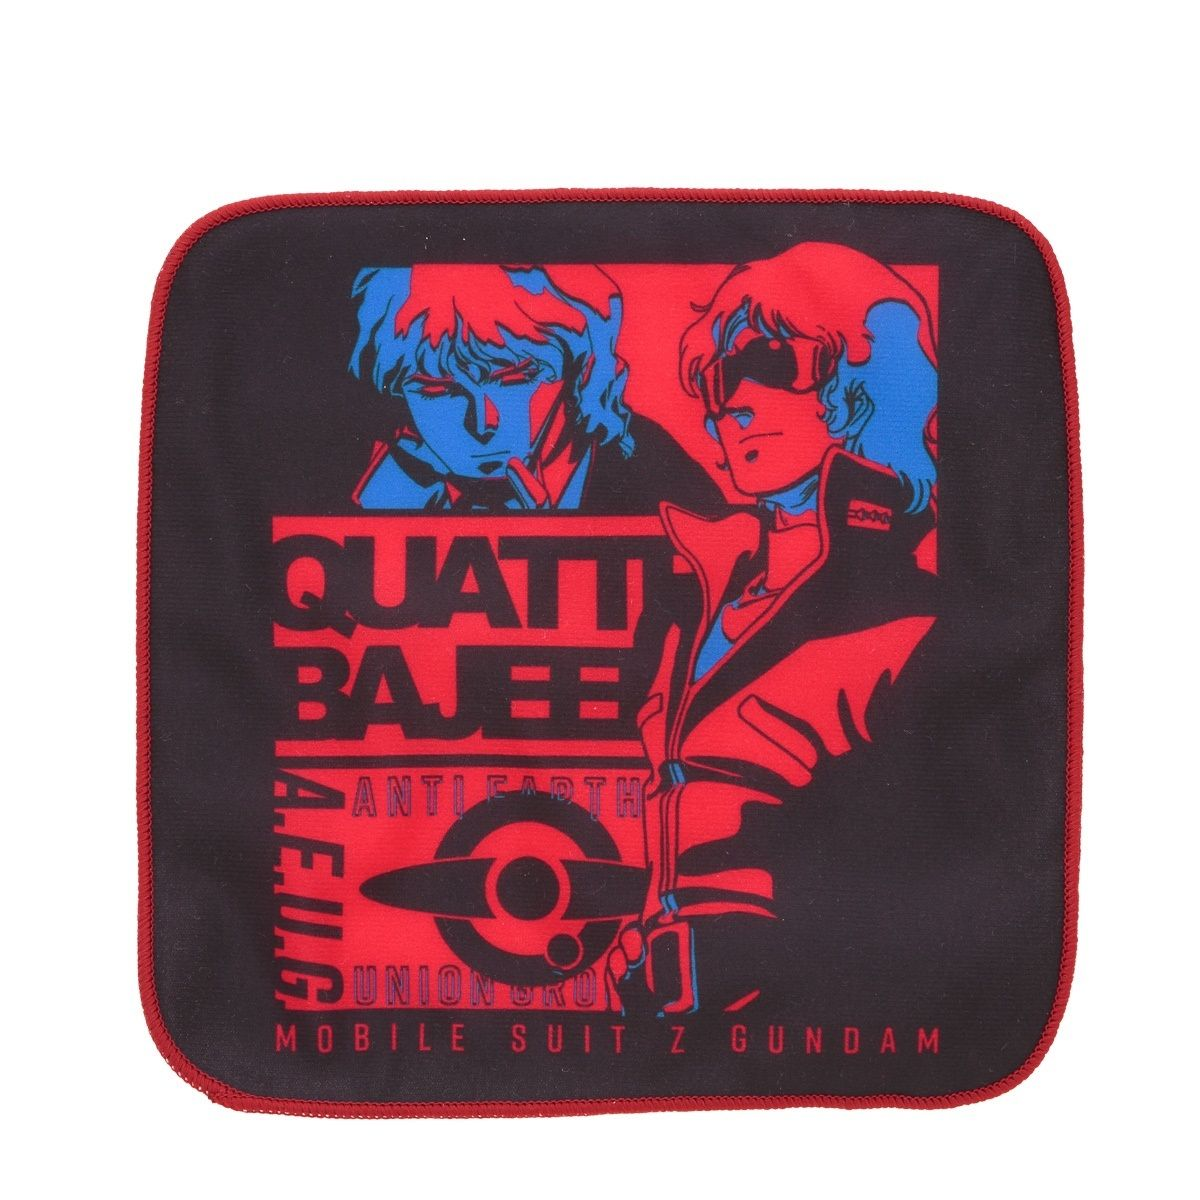 Mobile Suit Zeta Gundam Quattro Bajeena Tricolor-themed Handkerchief